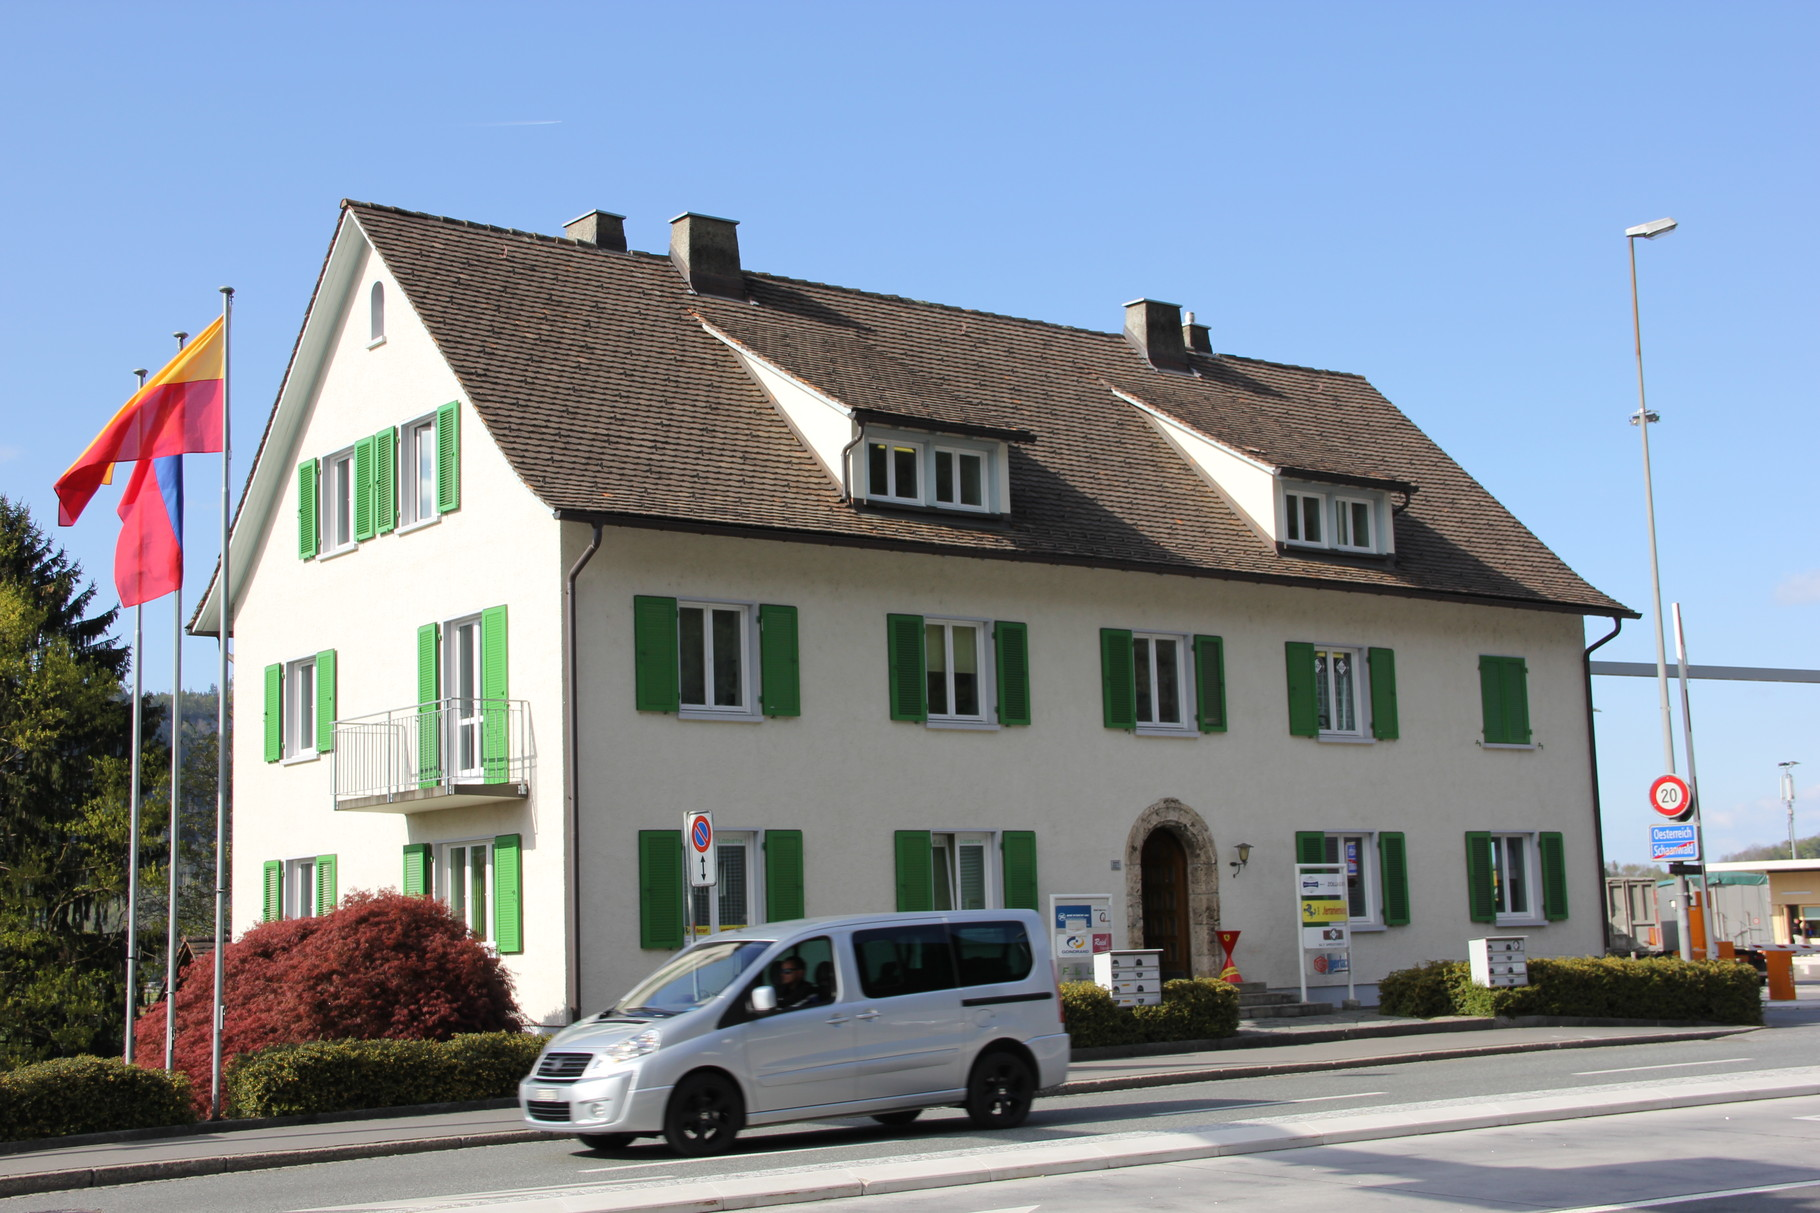 Zollhaus 223 Schaanwald